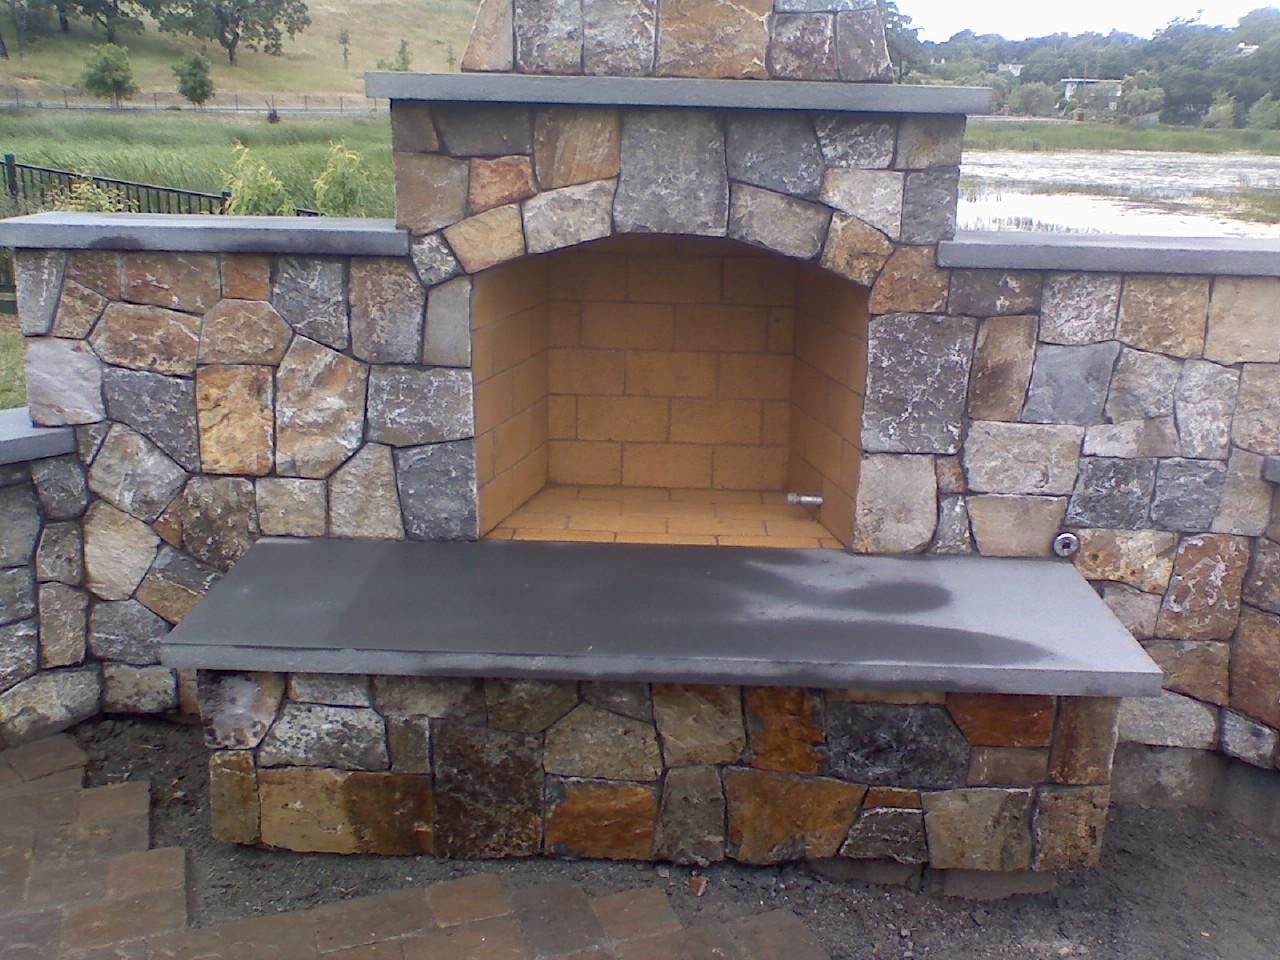 Isokern fireplaces - Petty Masonry Inc.